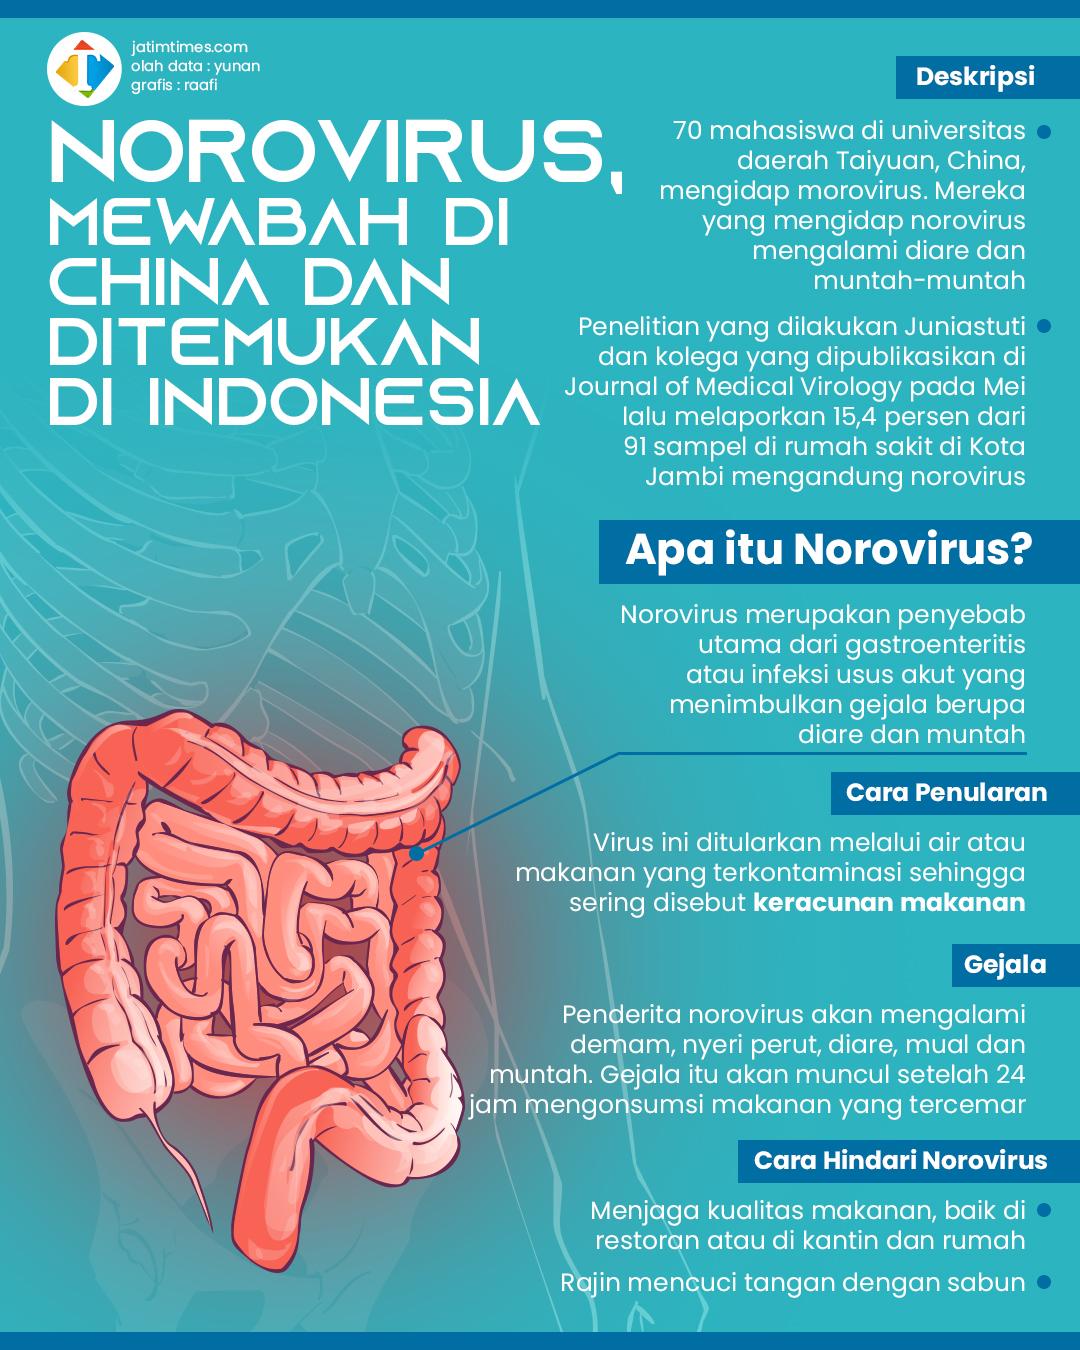 Mewabah di China, Nyatanya Juga Ditemukan di Indonesia, Apa Itu Norovirus?  | Jatim TIMES